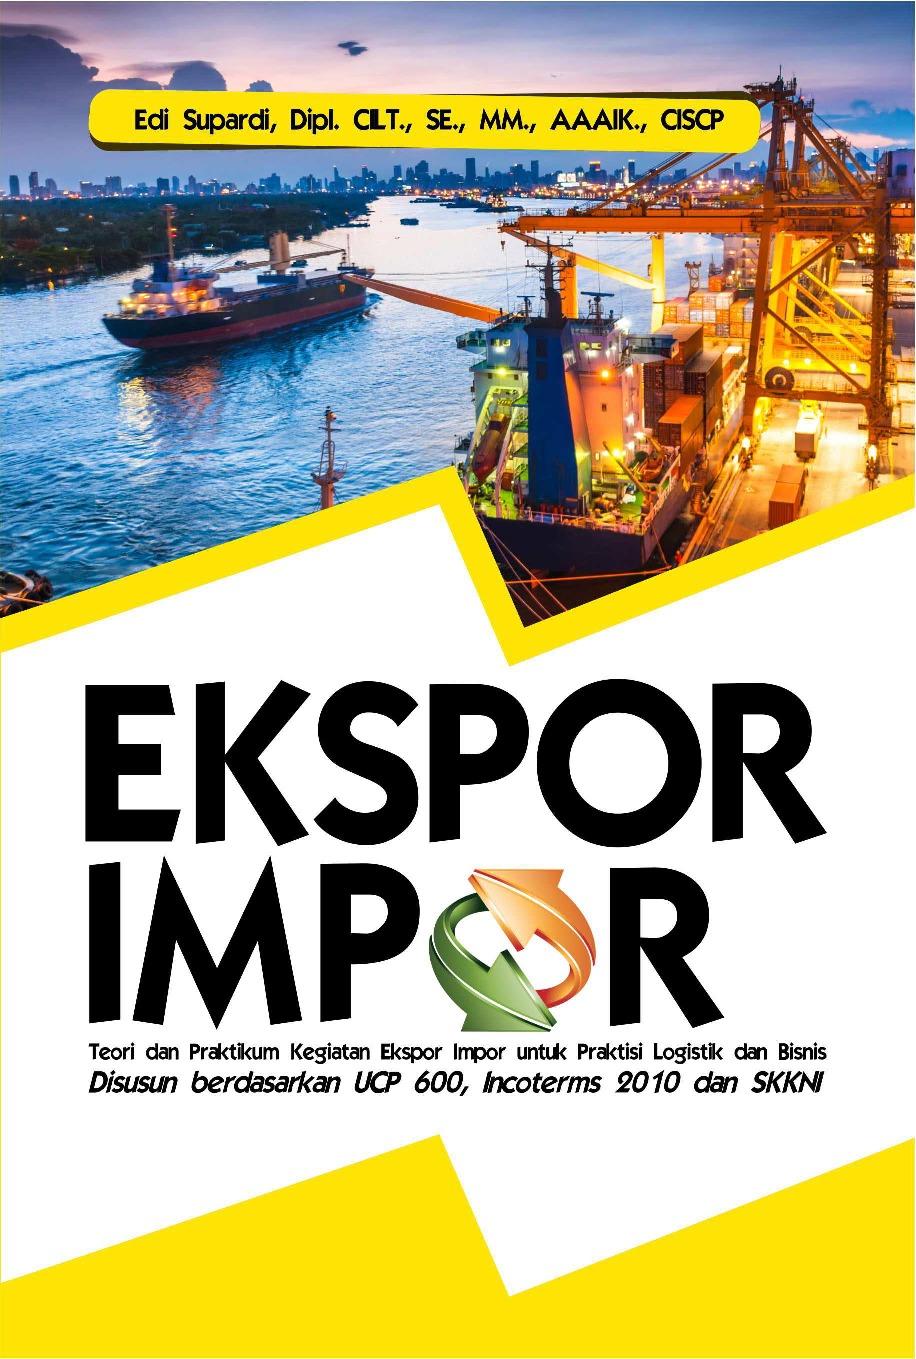 Ekspor Impor : Teori dan Praktikum Kegiatan Ekspor Impor untuk Praktisi Logistik dan Bisnis